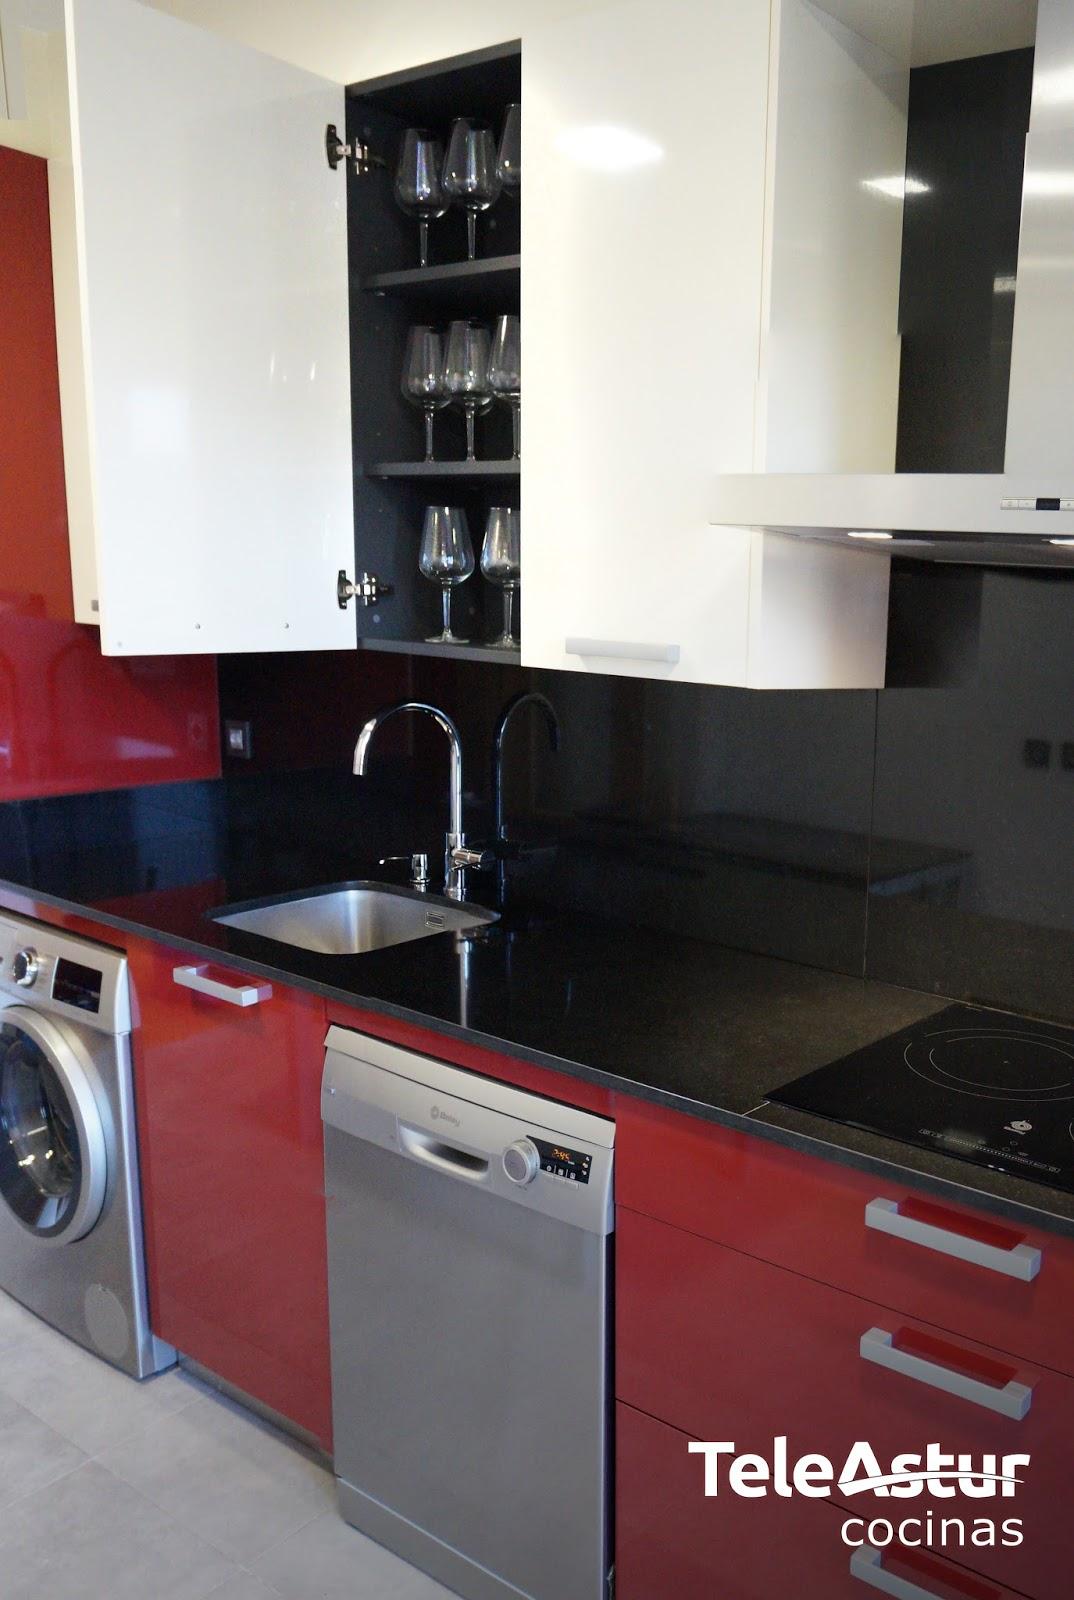 Muebles De Cocina En Oviedo. Excellent Busca Un Mueble Especial Para ...